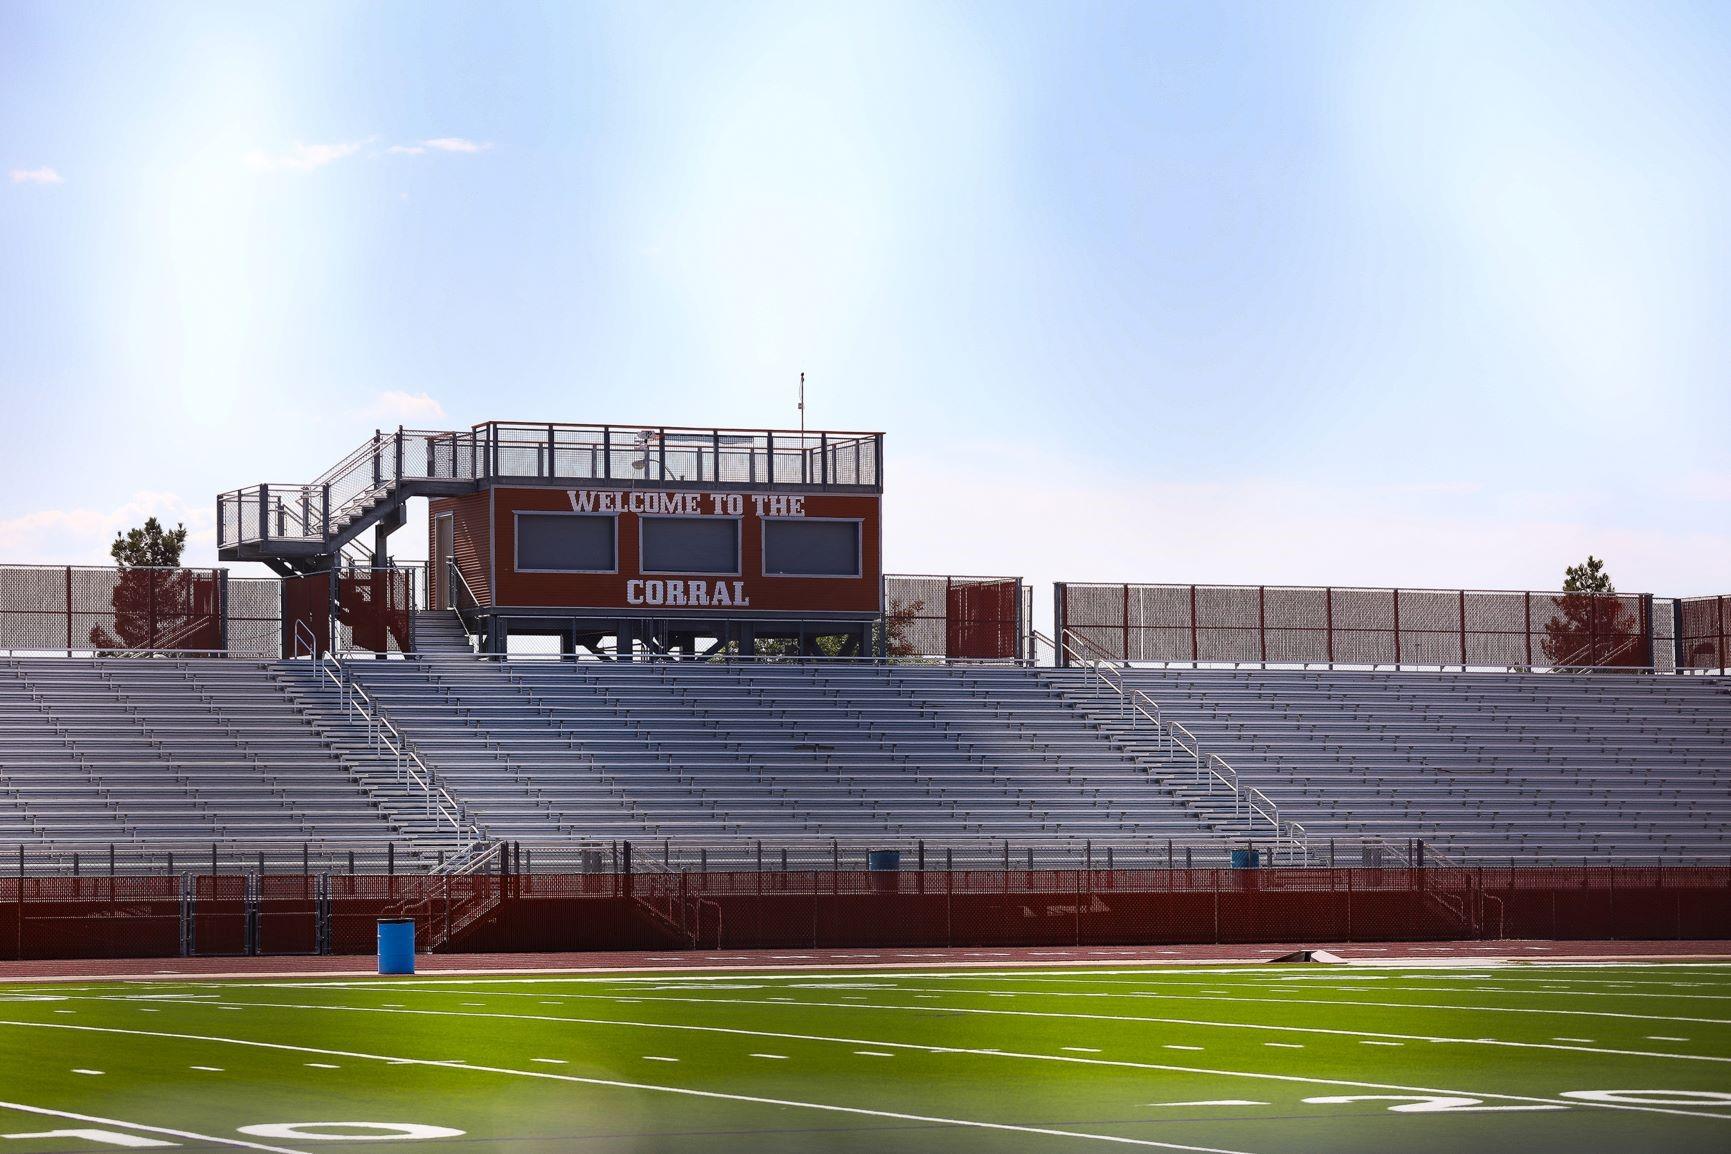 Las Vegas: 13-Year-Old High School Student Dies During Football Practice